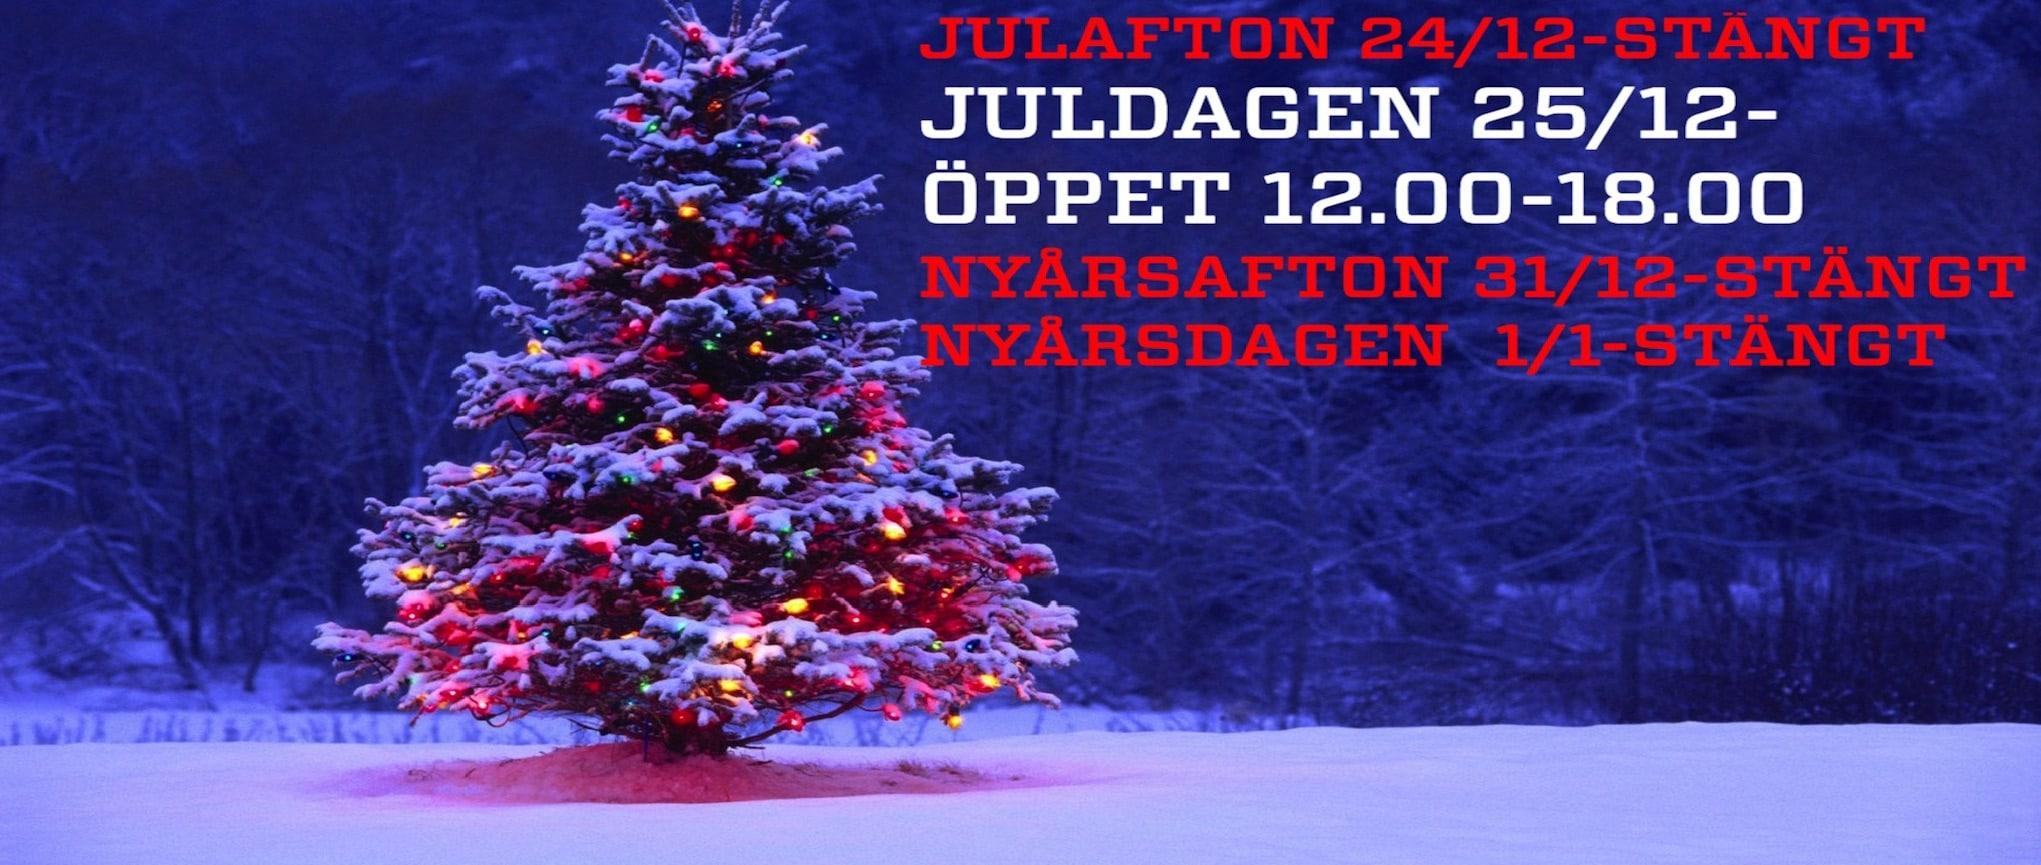 juldagen-klar